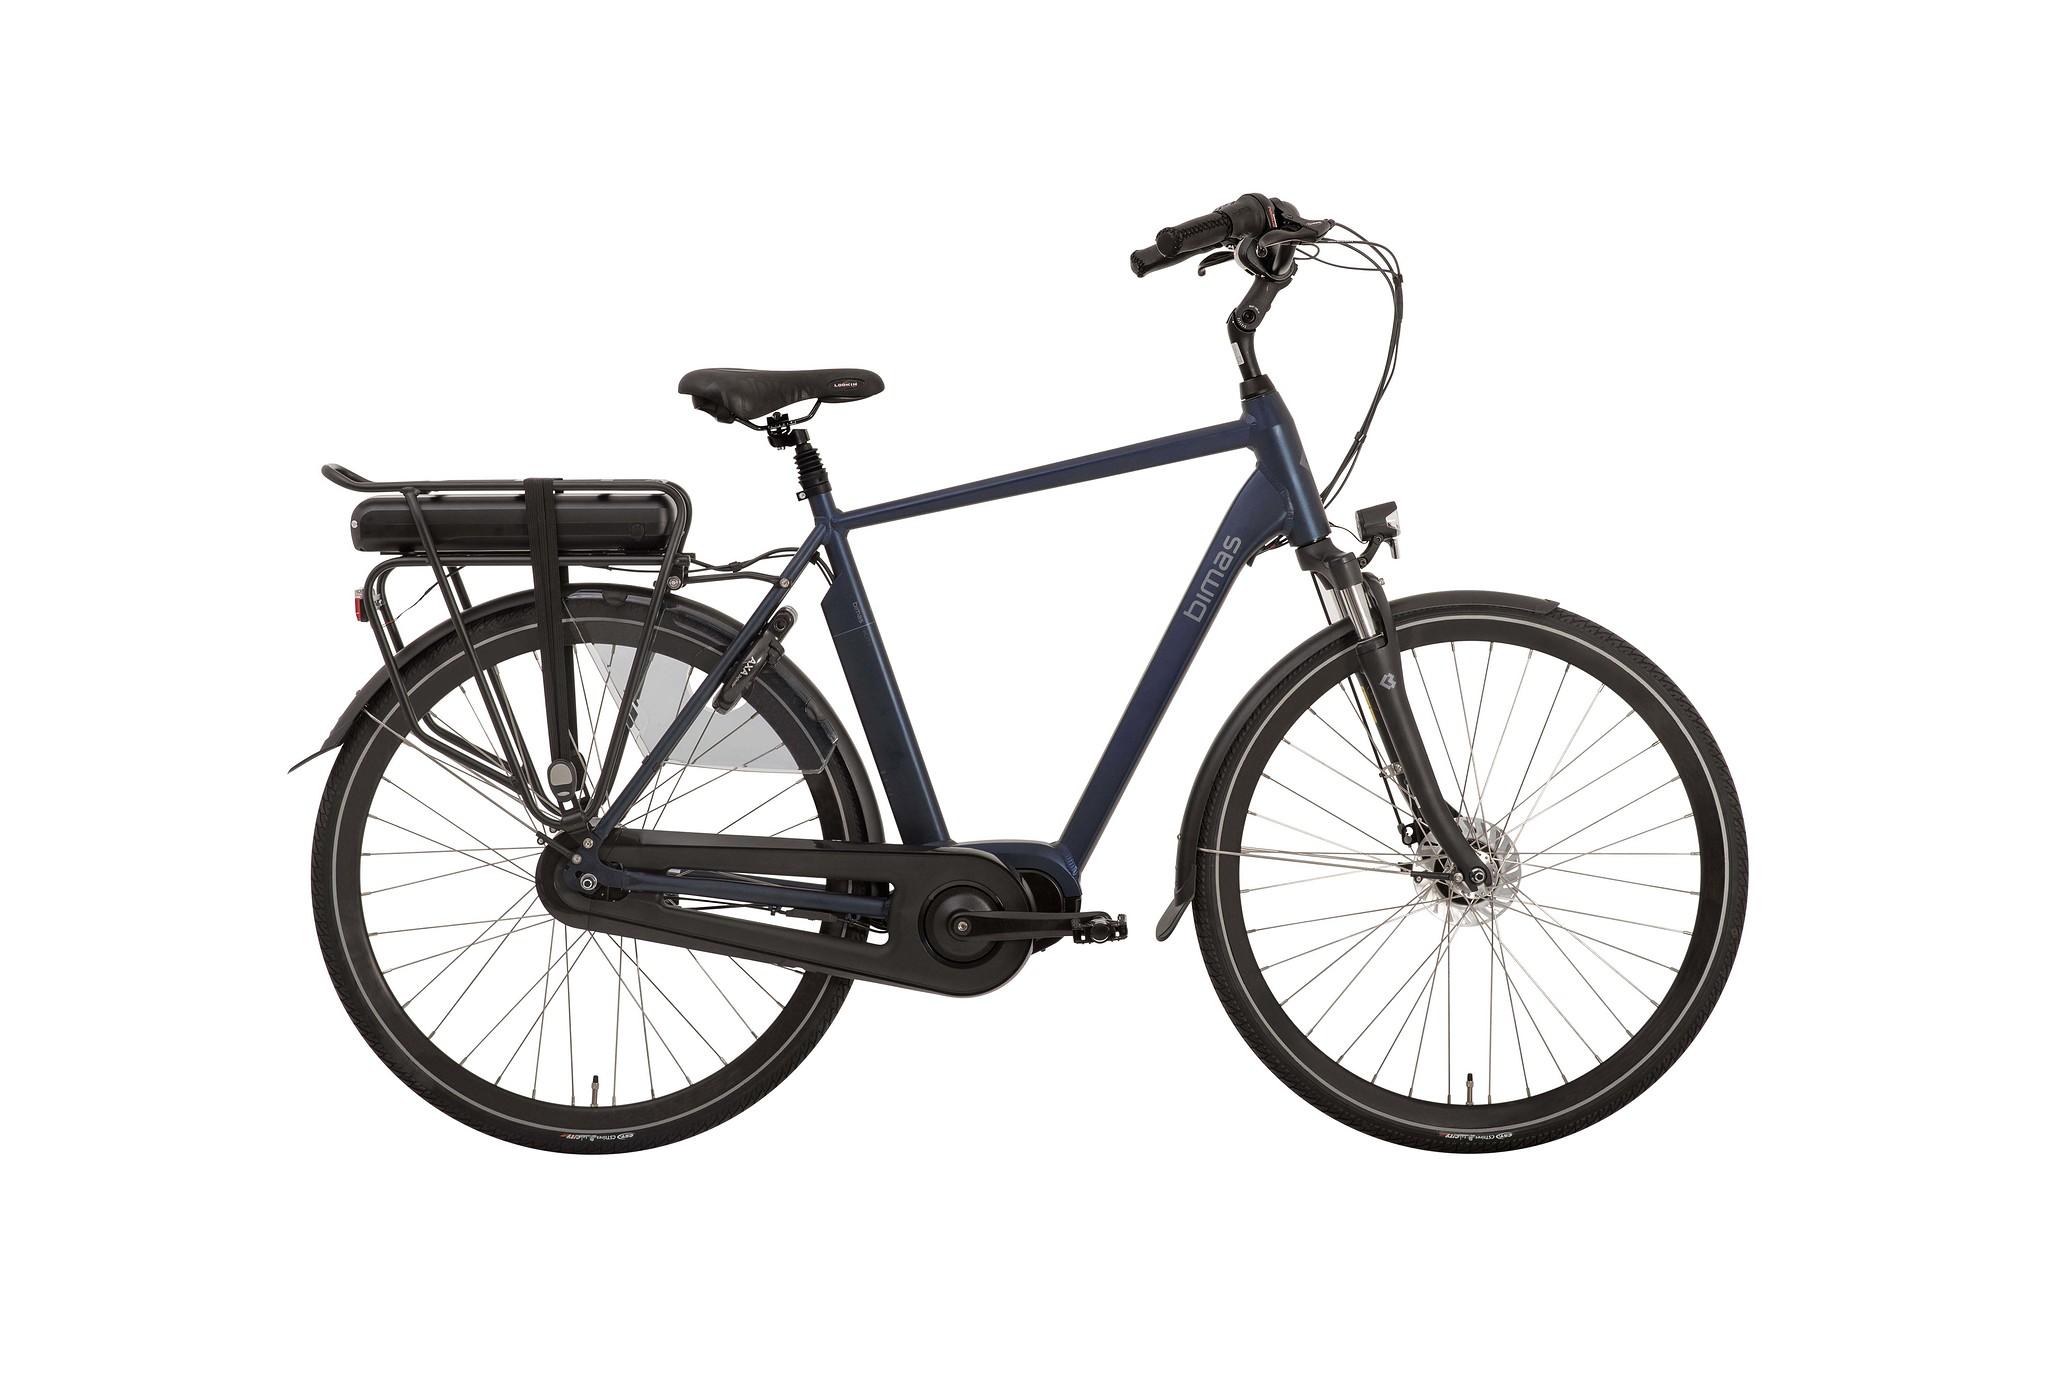 Bimas Elektrische fiets E-City 7.3 heren navy blauw 57cm 450 Watt Blauw